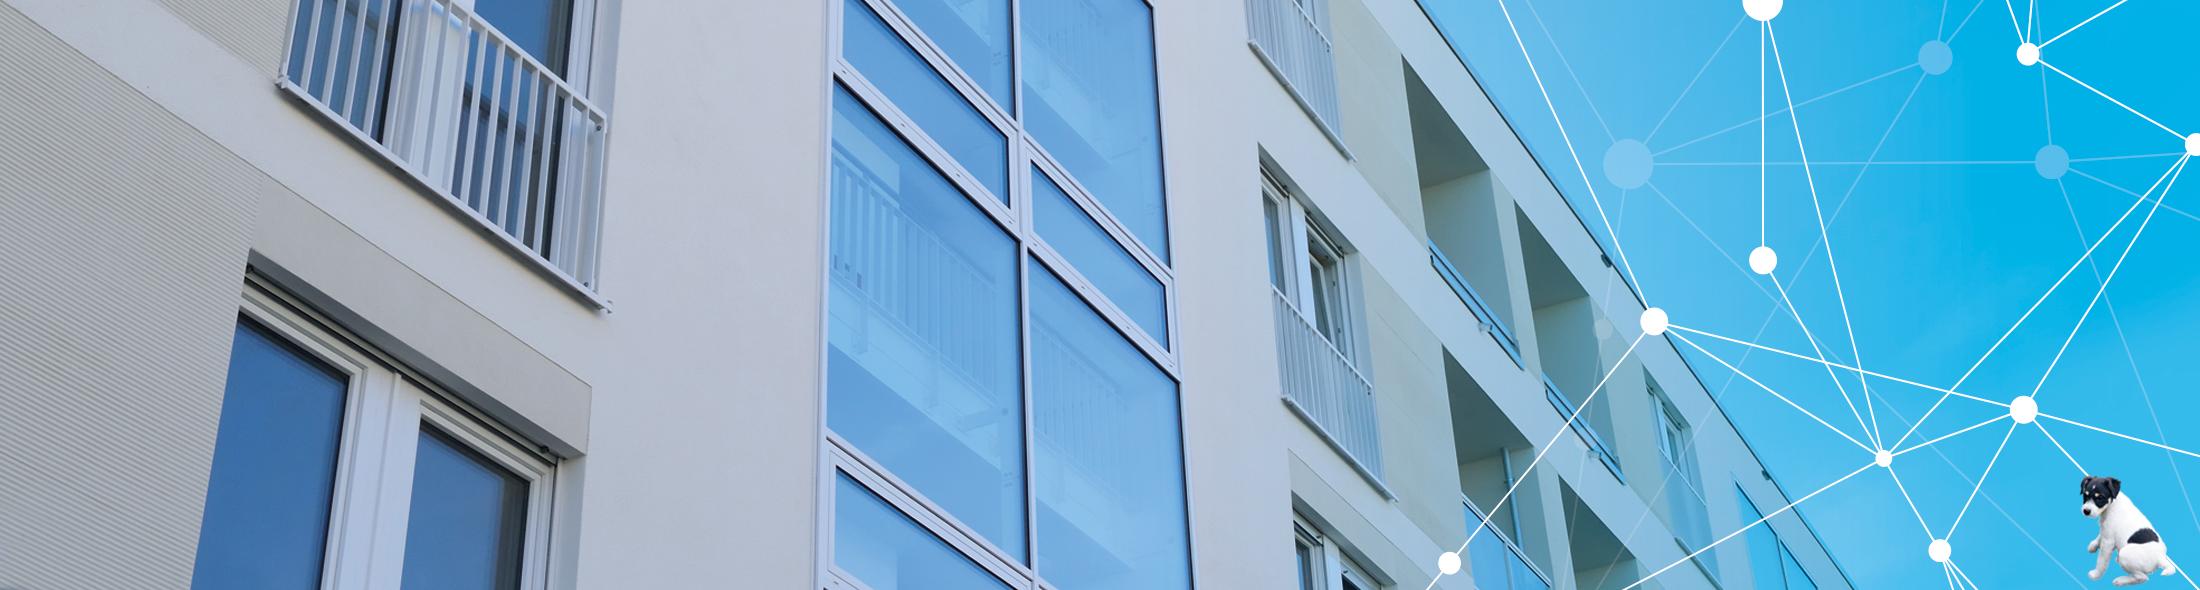 Schuster & Sohn bietet umfangreichen Service für Immobilienbesitzer